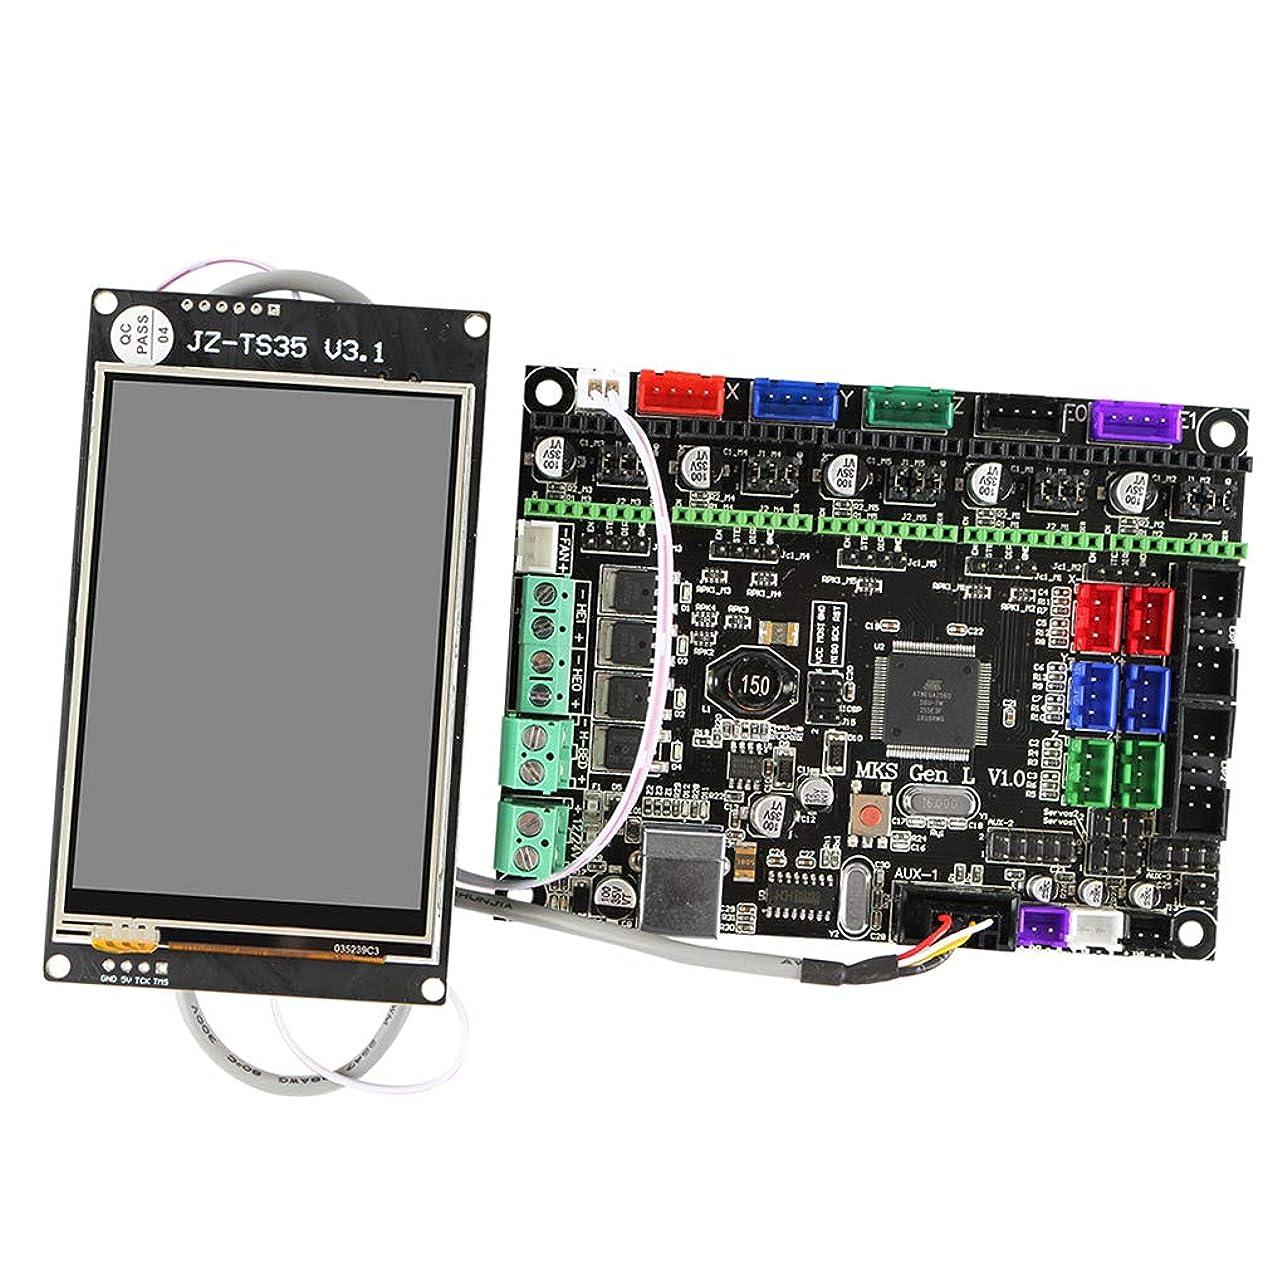 翻訳する直径救援H HILABEE 3Dプリンタ部品 MKS Gen L V1.0制御ボード& フルカラーディスプレイ Marlinファームウェア用